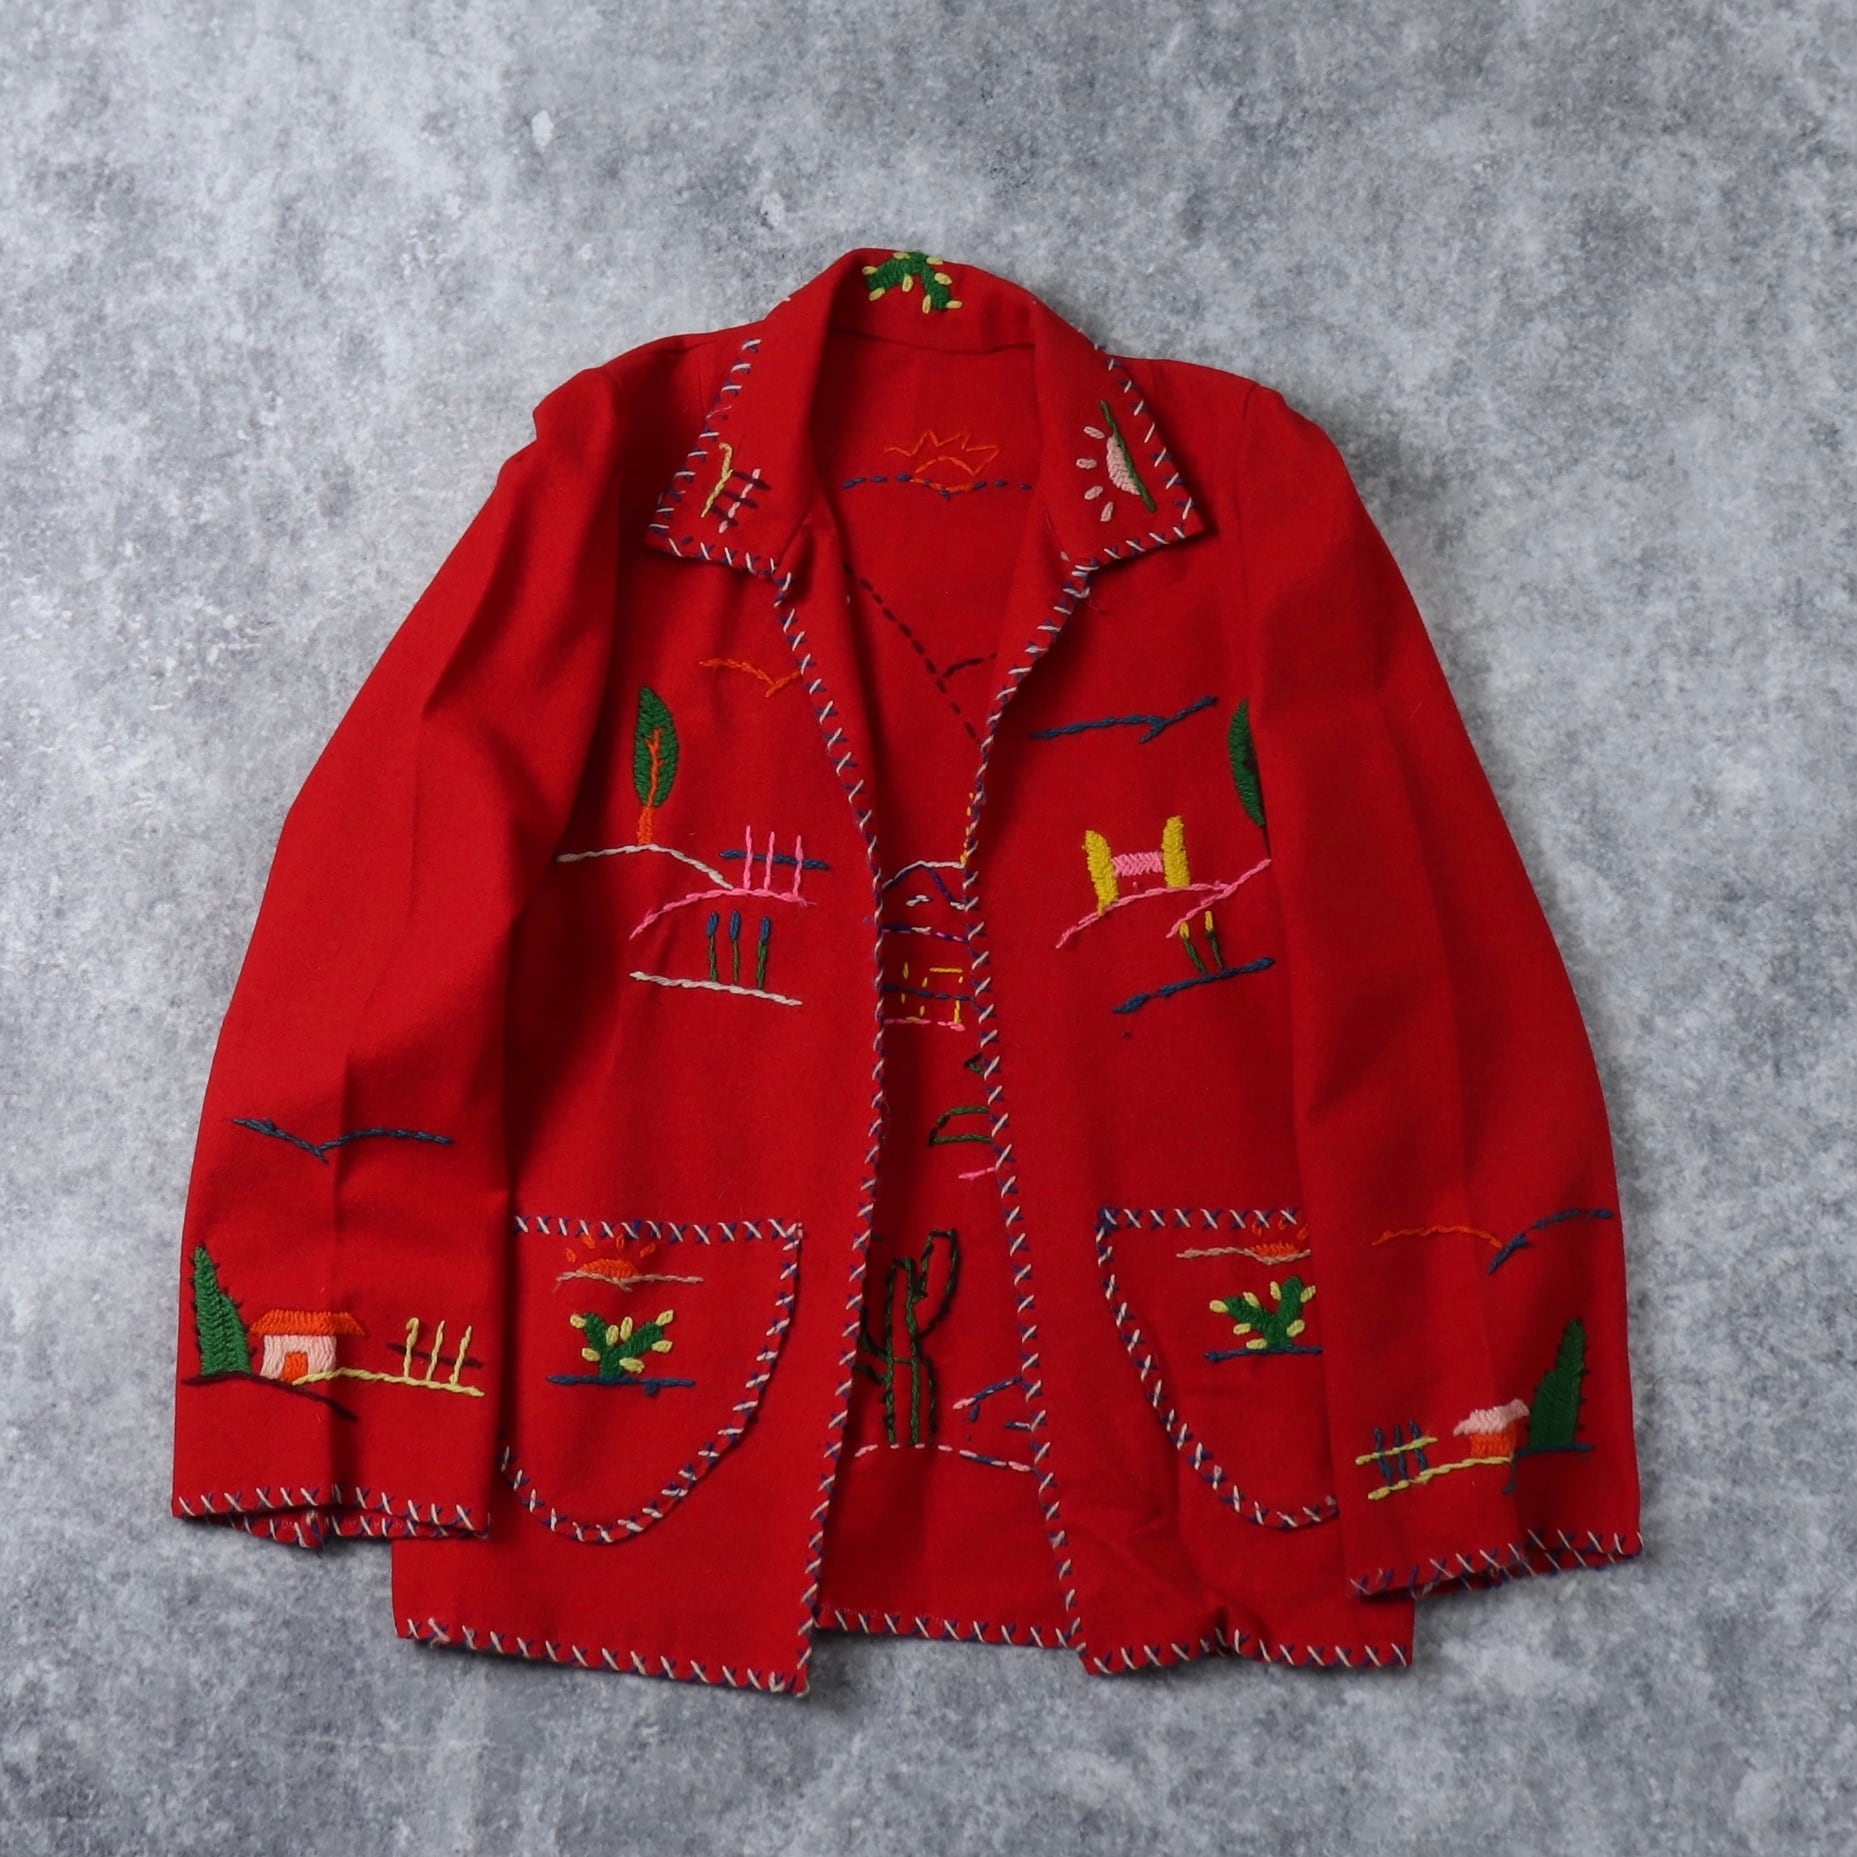 50~60s  Hand Made Wool Jacket   50~60年代 ウールジャケット ハンドメイド メキシカン刺繍 レディース ヴィンテージ 古着 A636